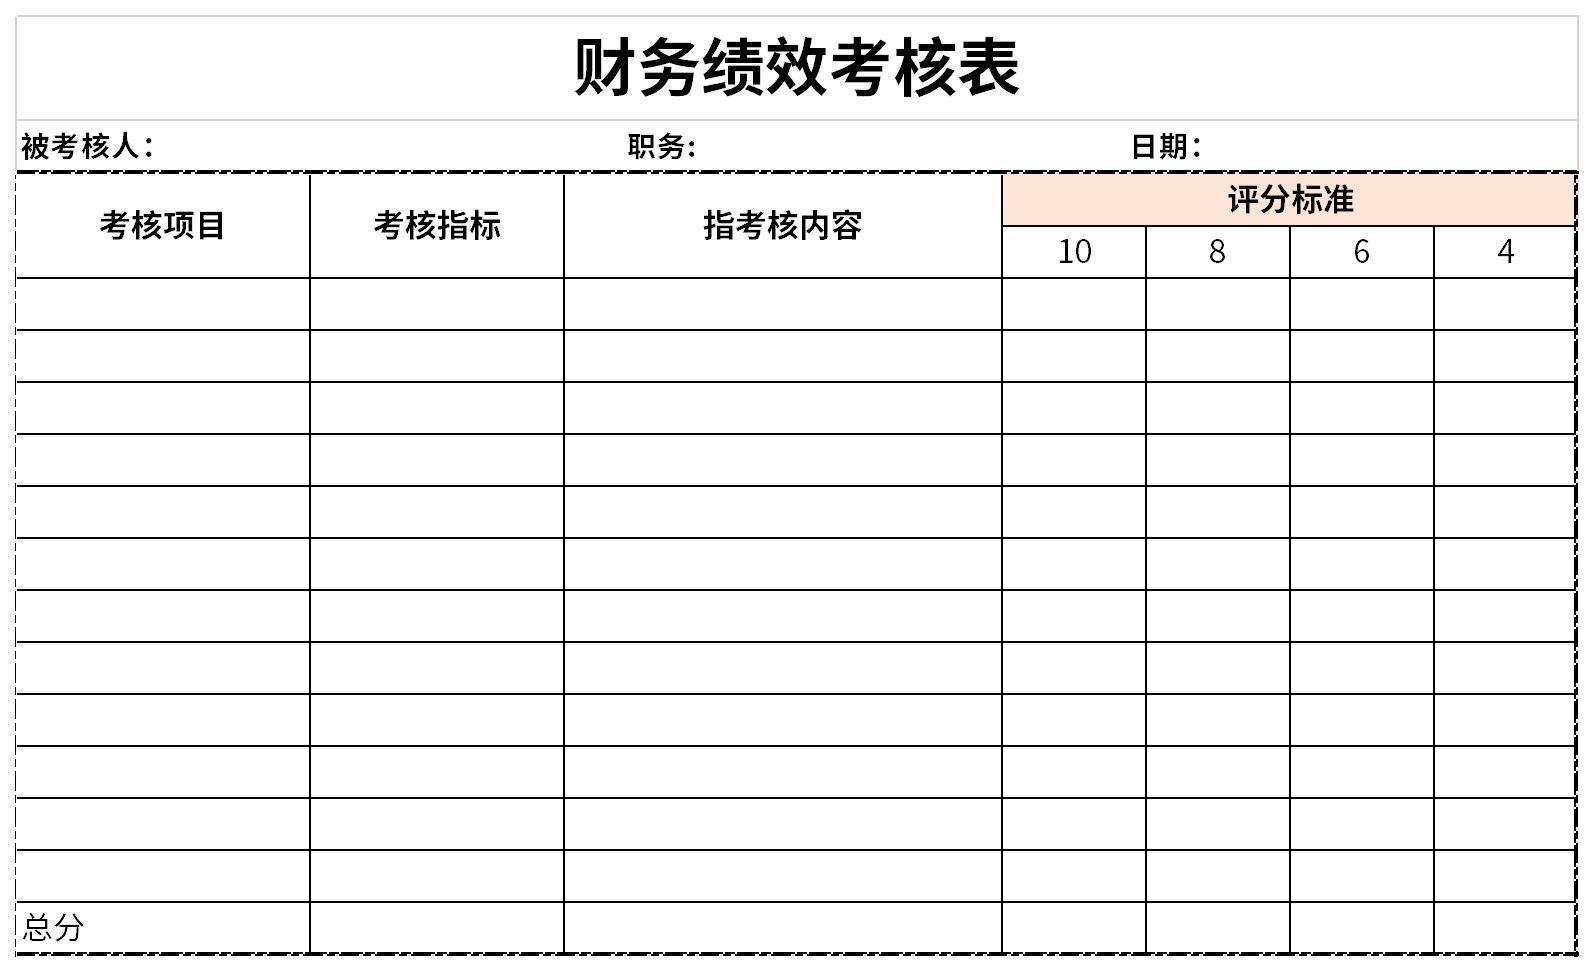 财务kpi绩效考核表截图